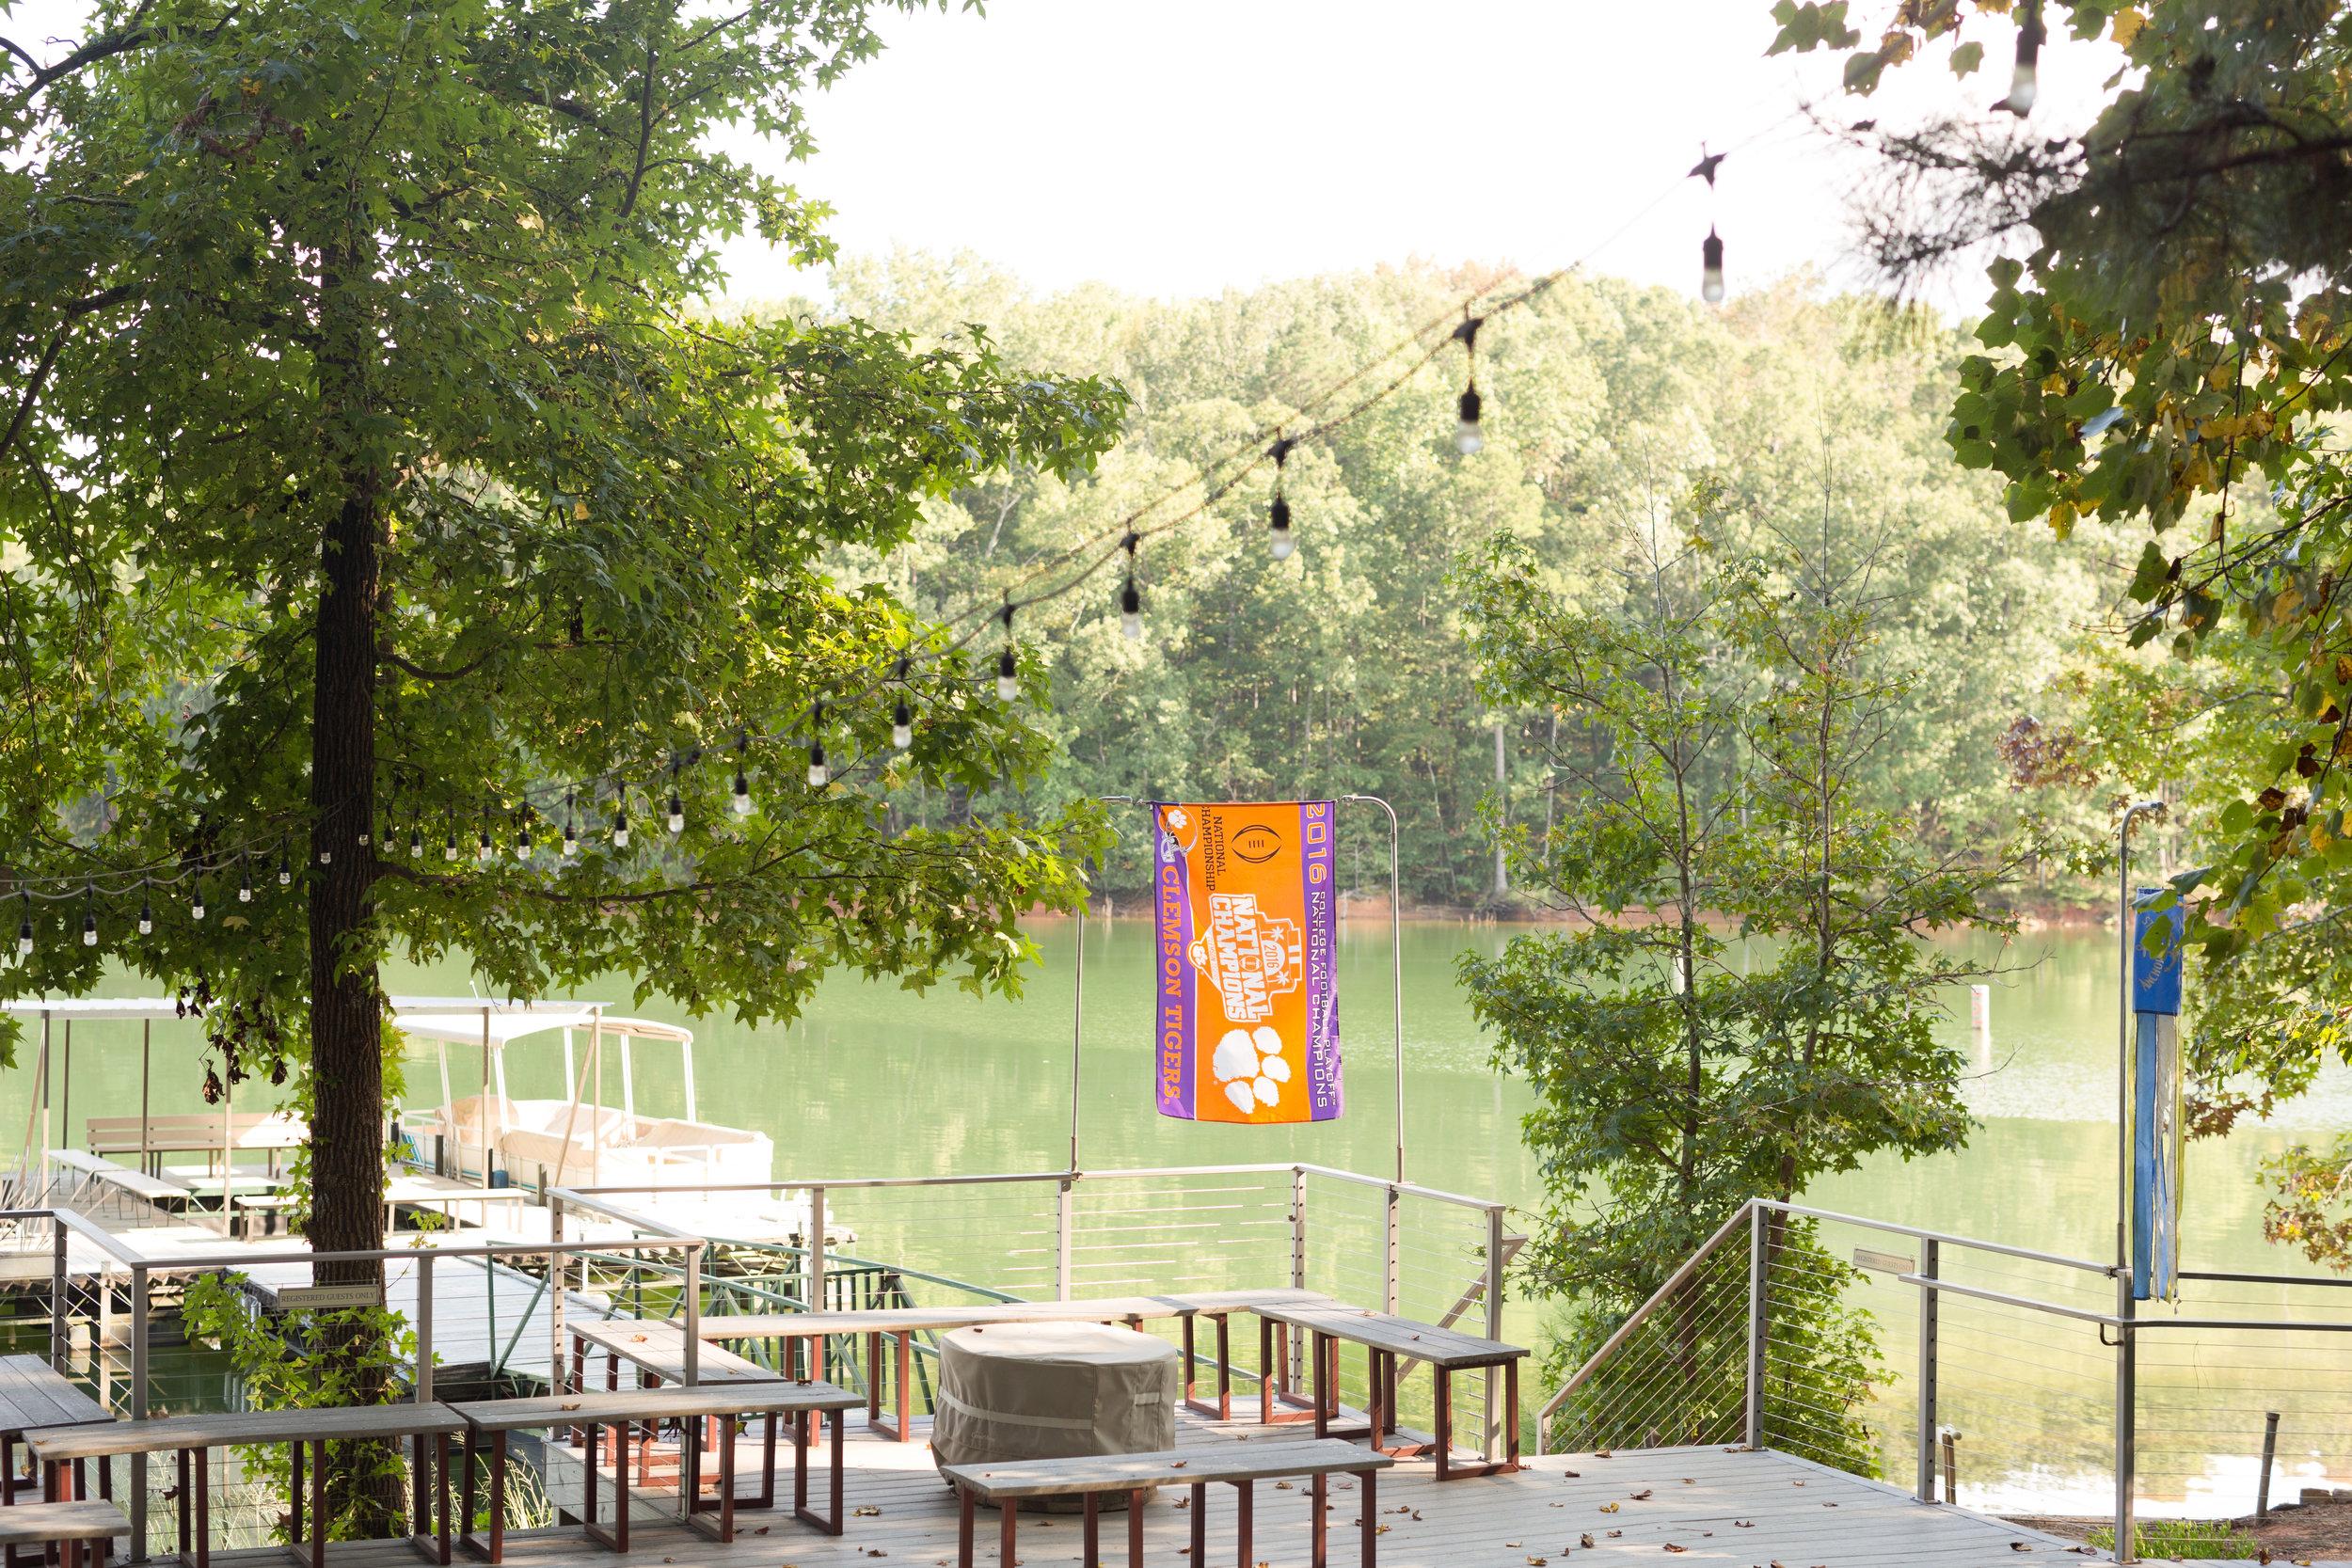 Clemson Outdoor Lab camp wedding